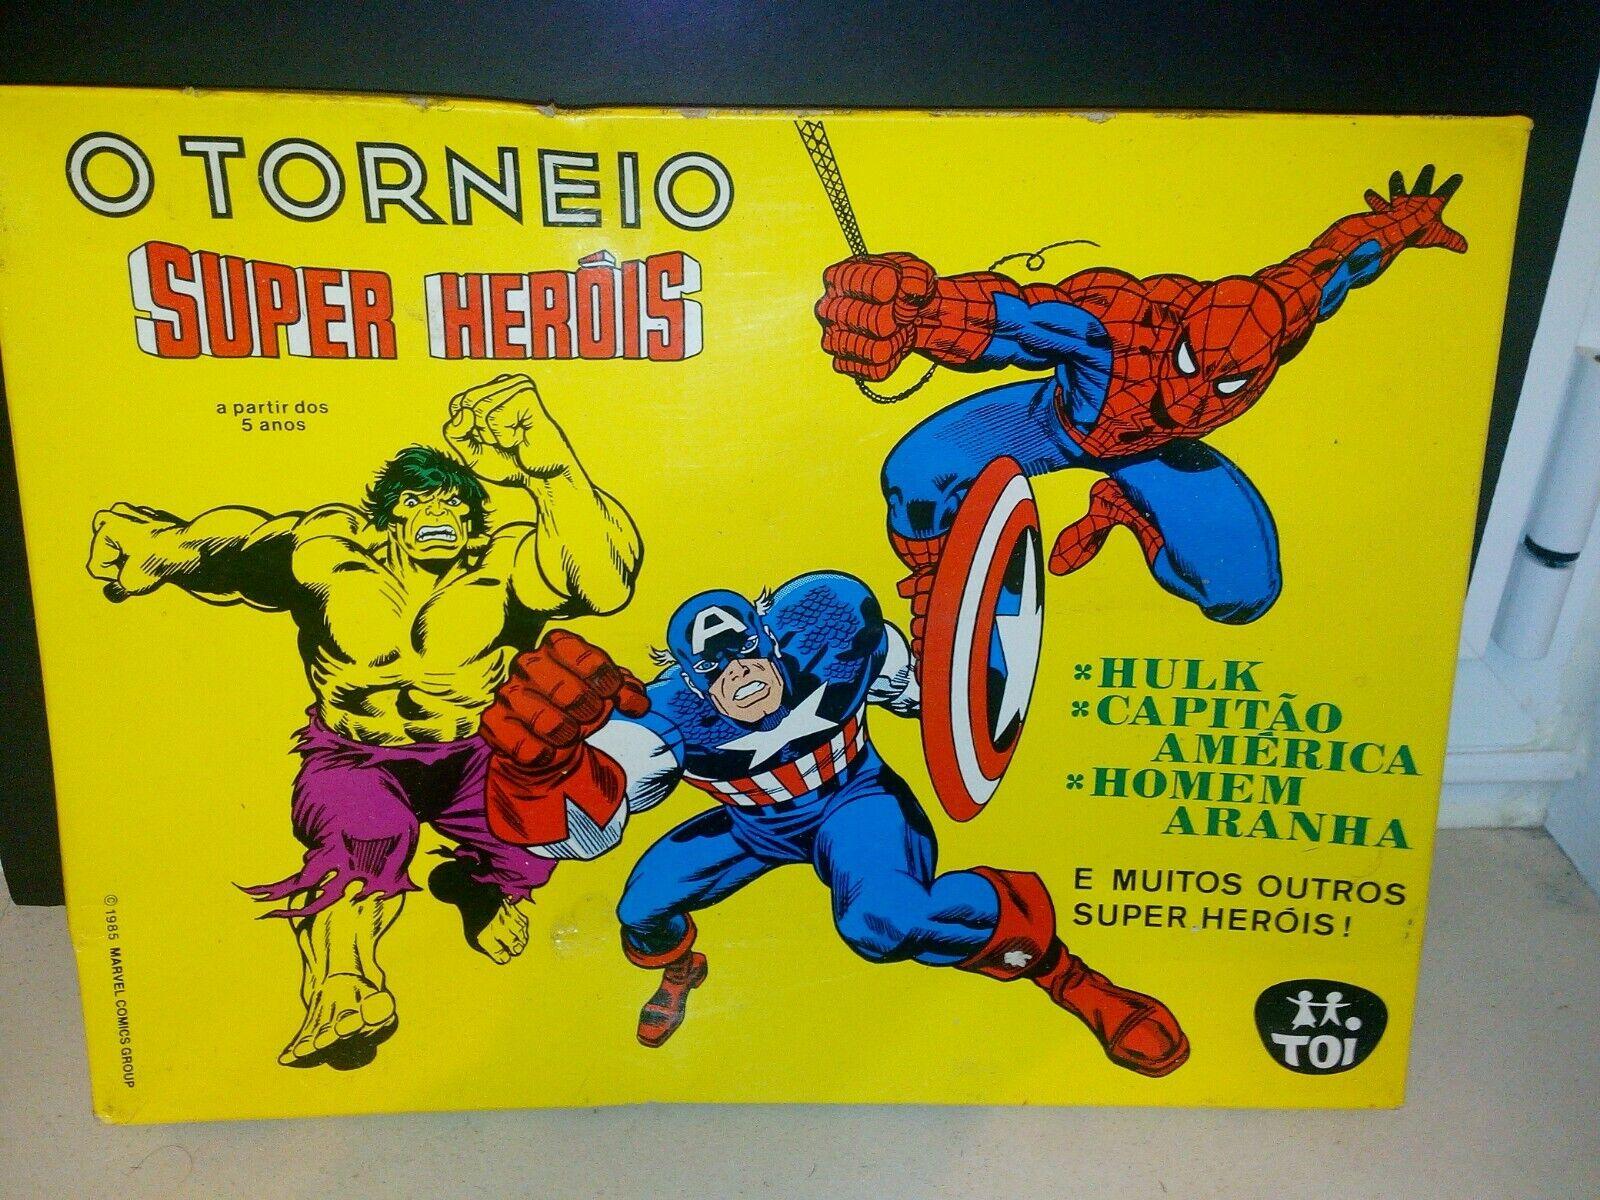 O Torneio Super Her 65533; 65533; is Board spel Toi förundras Super Heroes O öppnade material